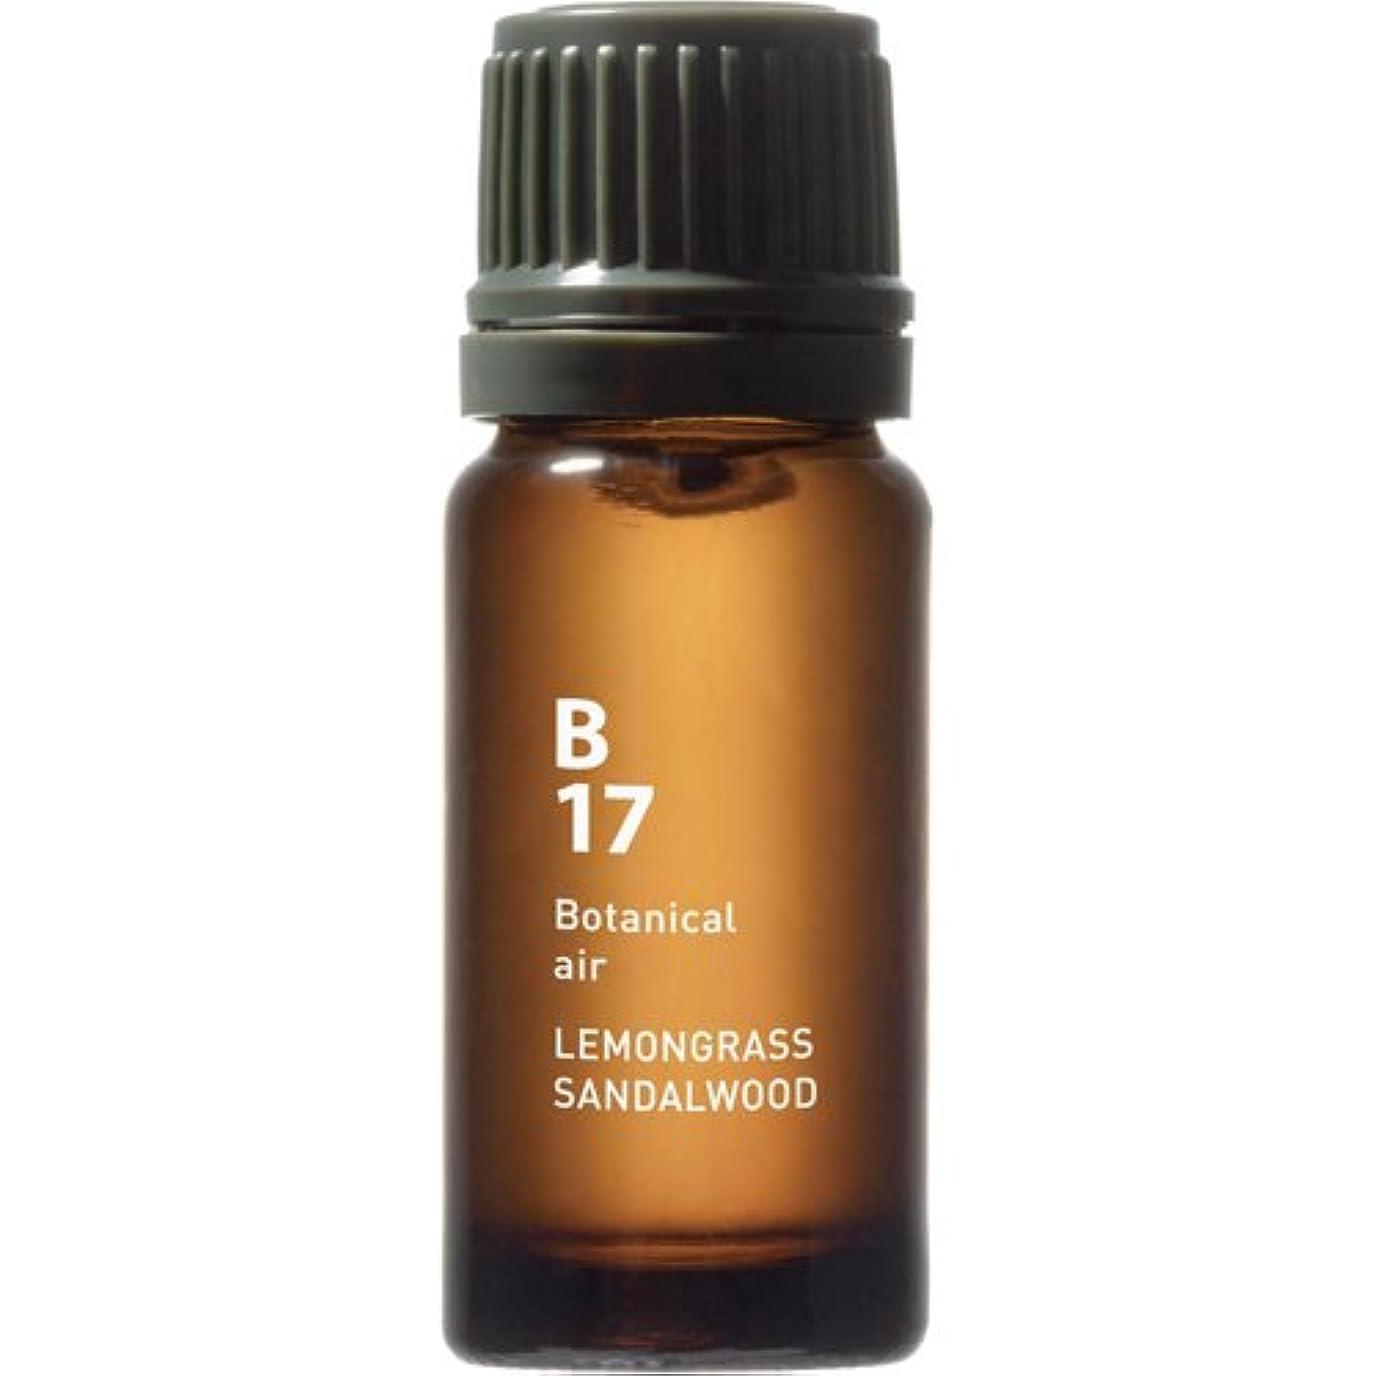 お茶困った包帯B17 レモングラスサンダルウッド Botanical air(ボタニカルエアー) 10ml